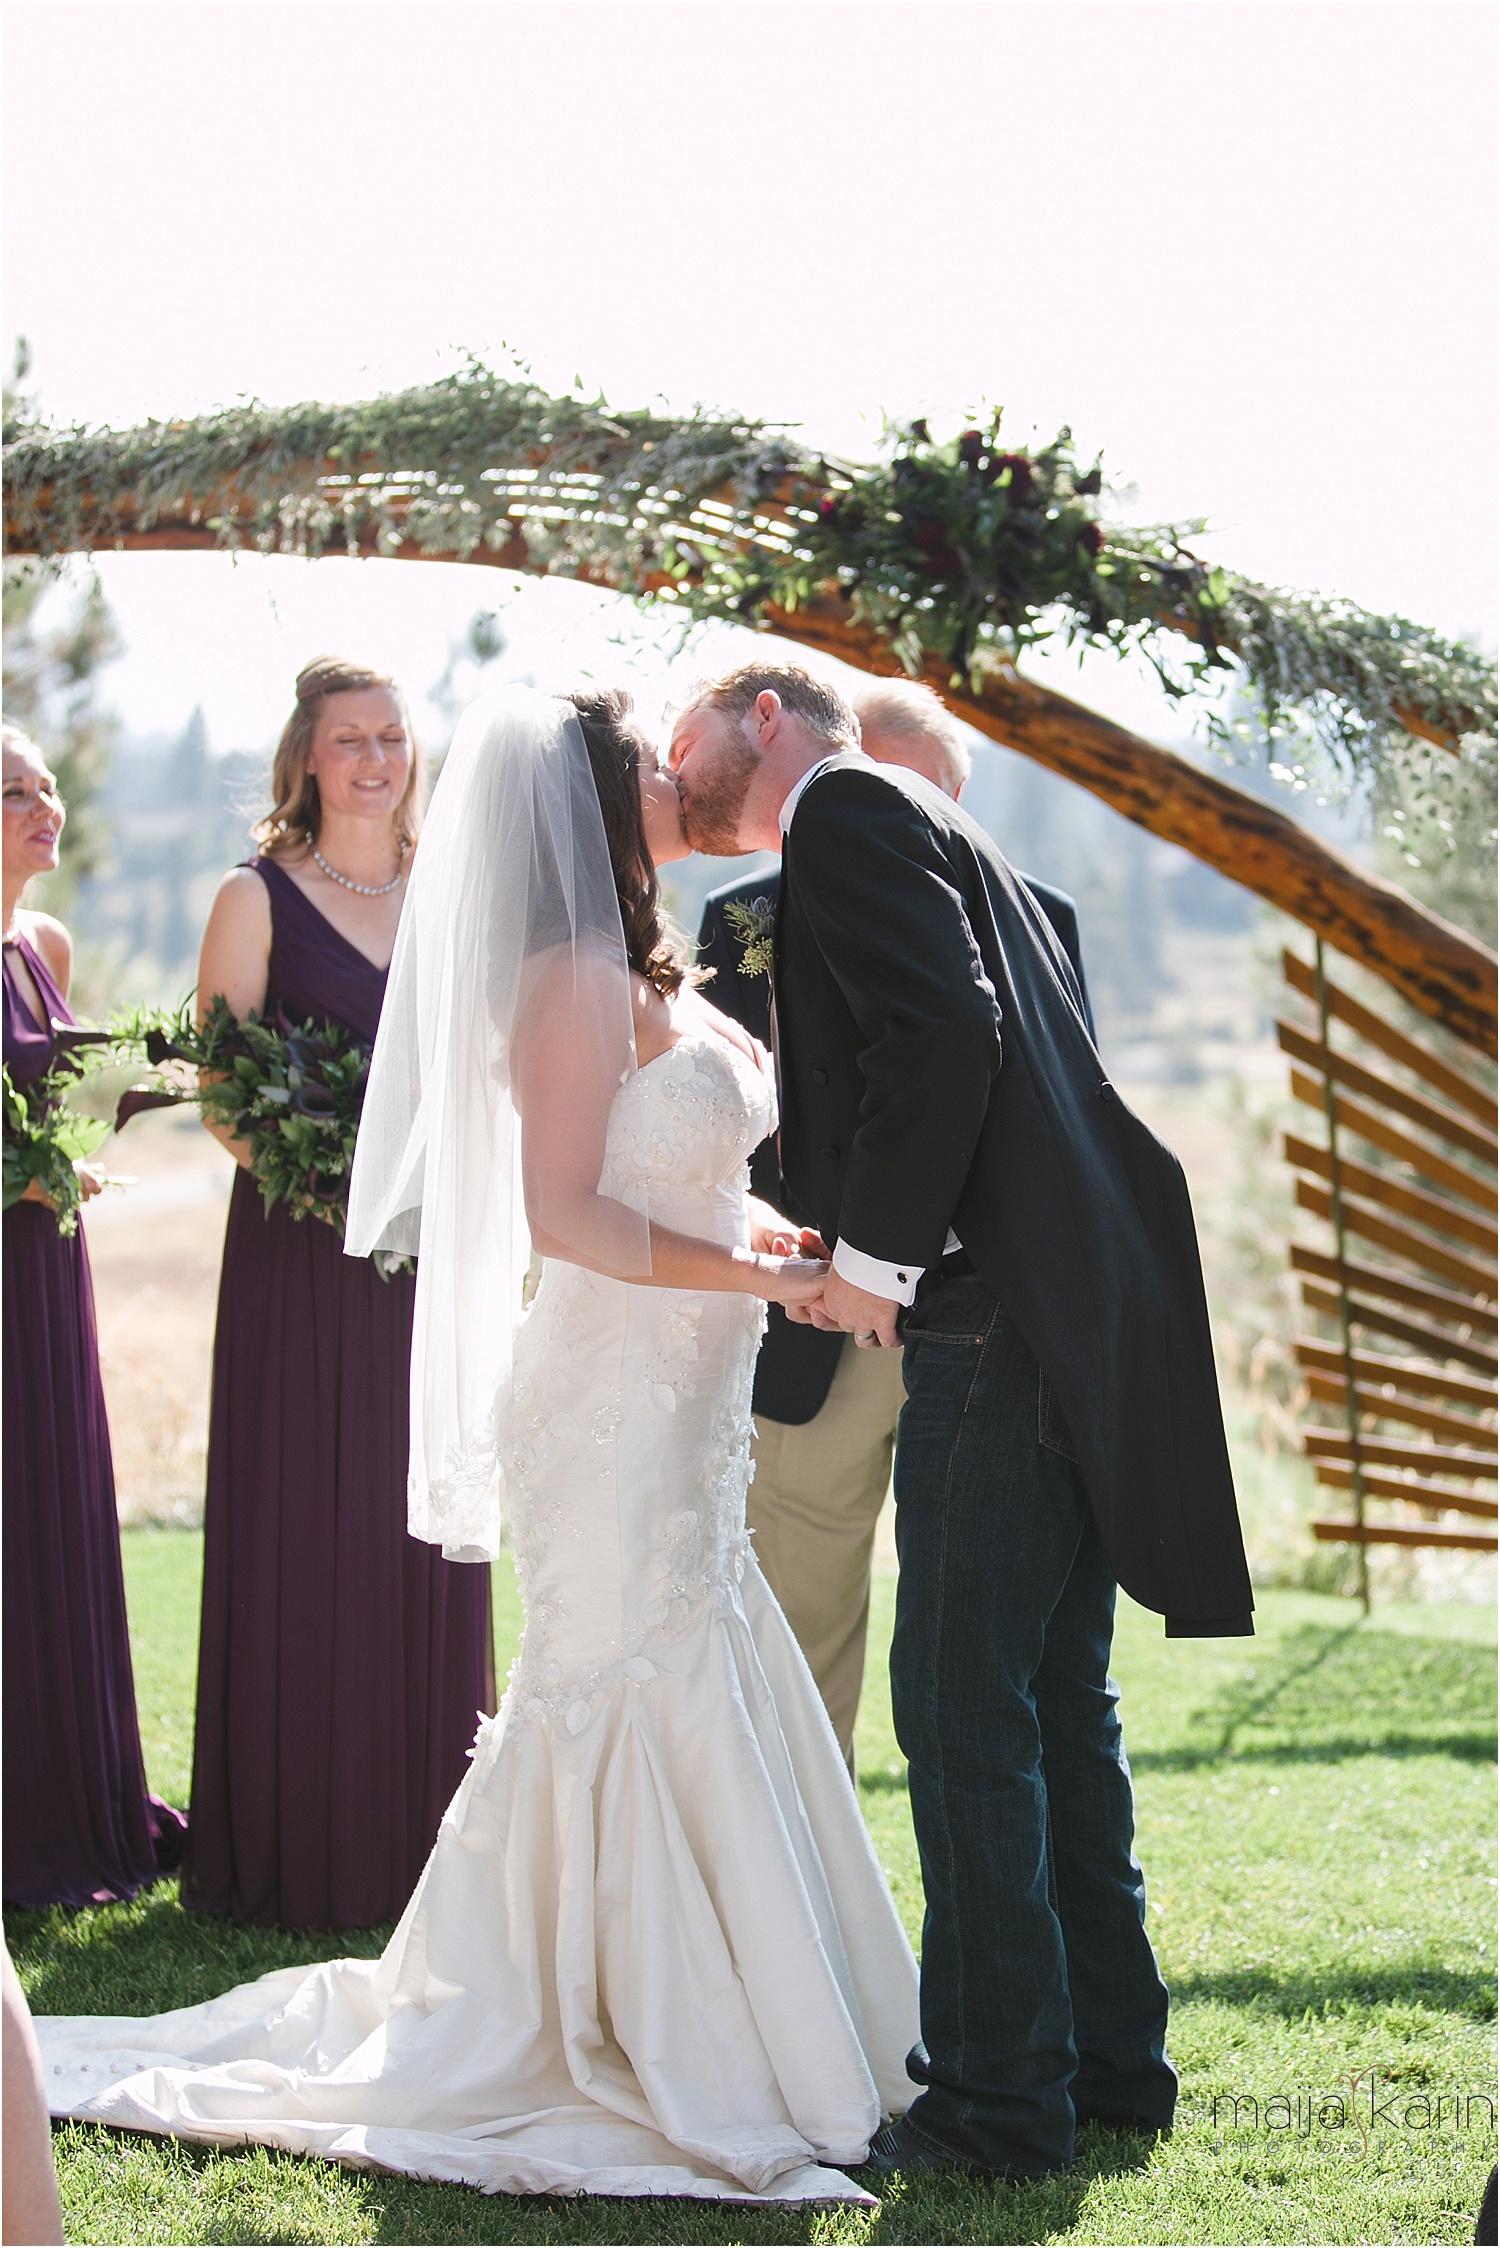 Jug-Mountain-Ranch-Wedding-Maija-Karin-Photography_0031.jpg